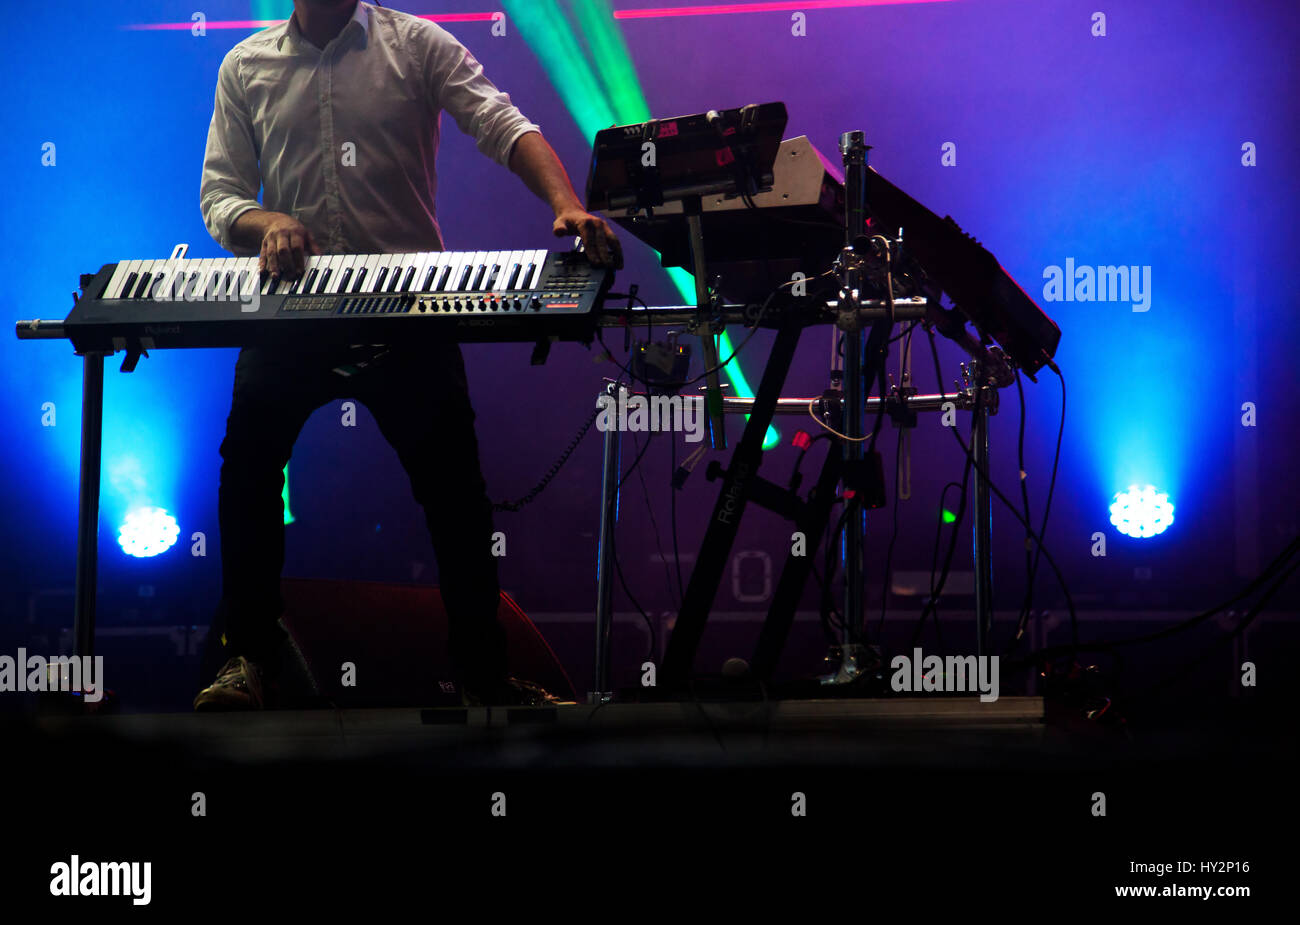 disc jokey mixing on stage over illuminated smoke background Stock Photo